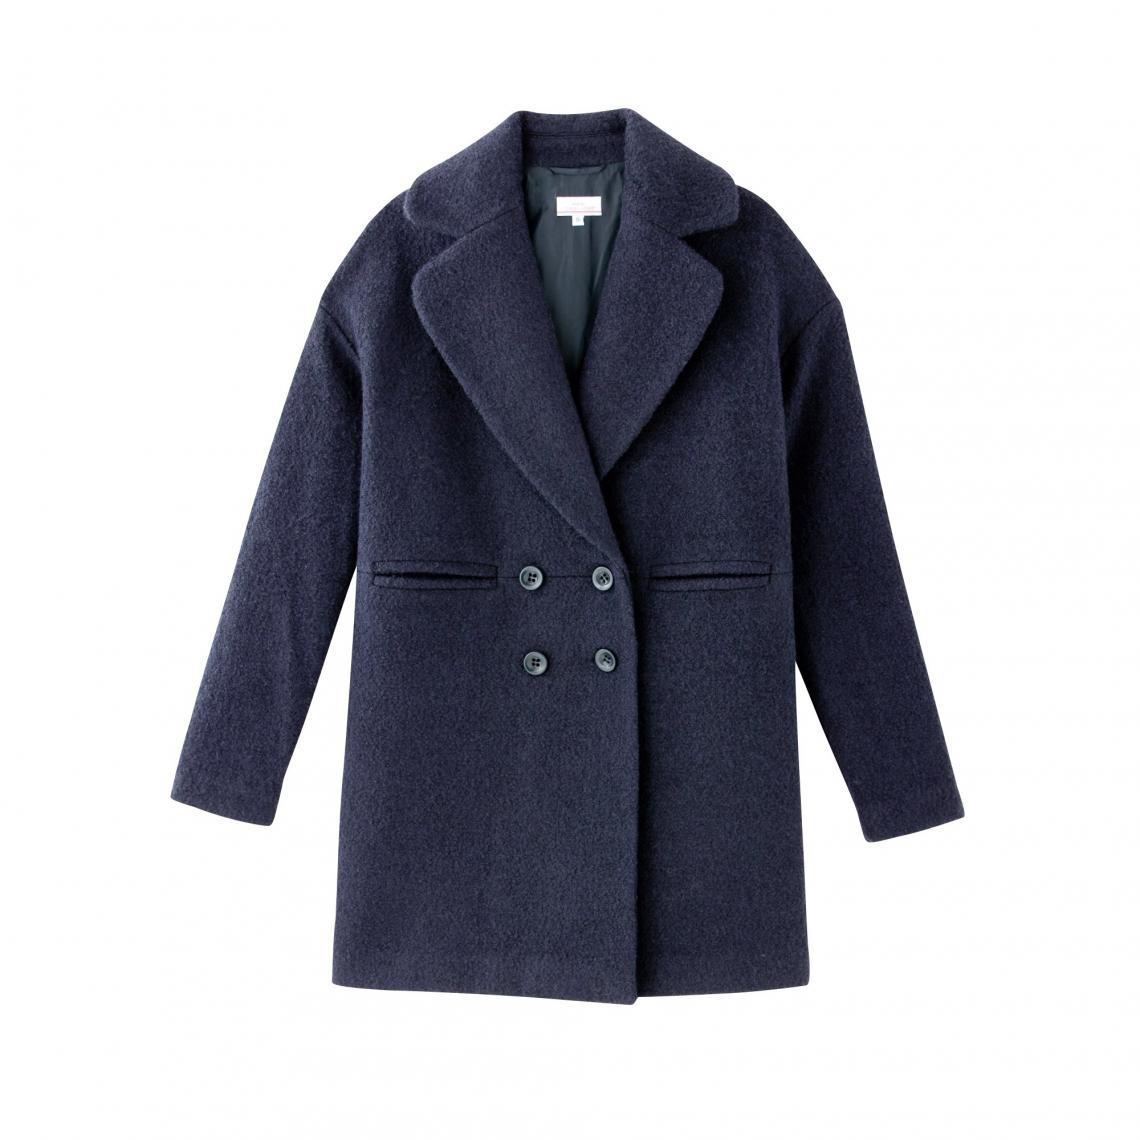 8b856eba311d6 Manteau double boutonnage femme 3 Suisses Collection - Bleu Marine 3  Suisses Collection